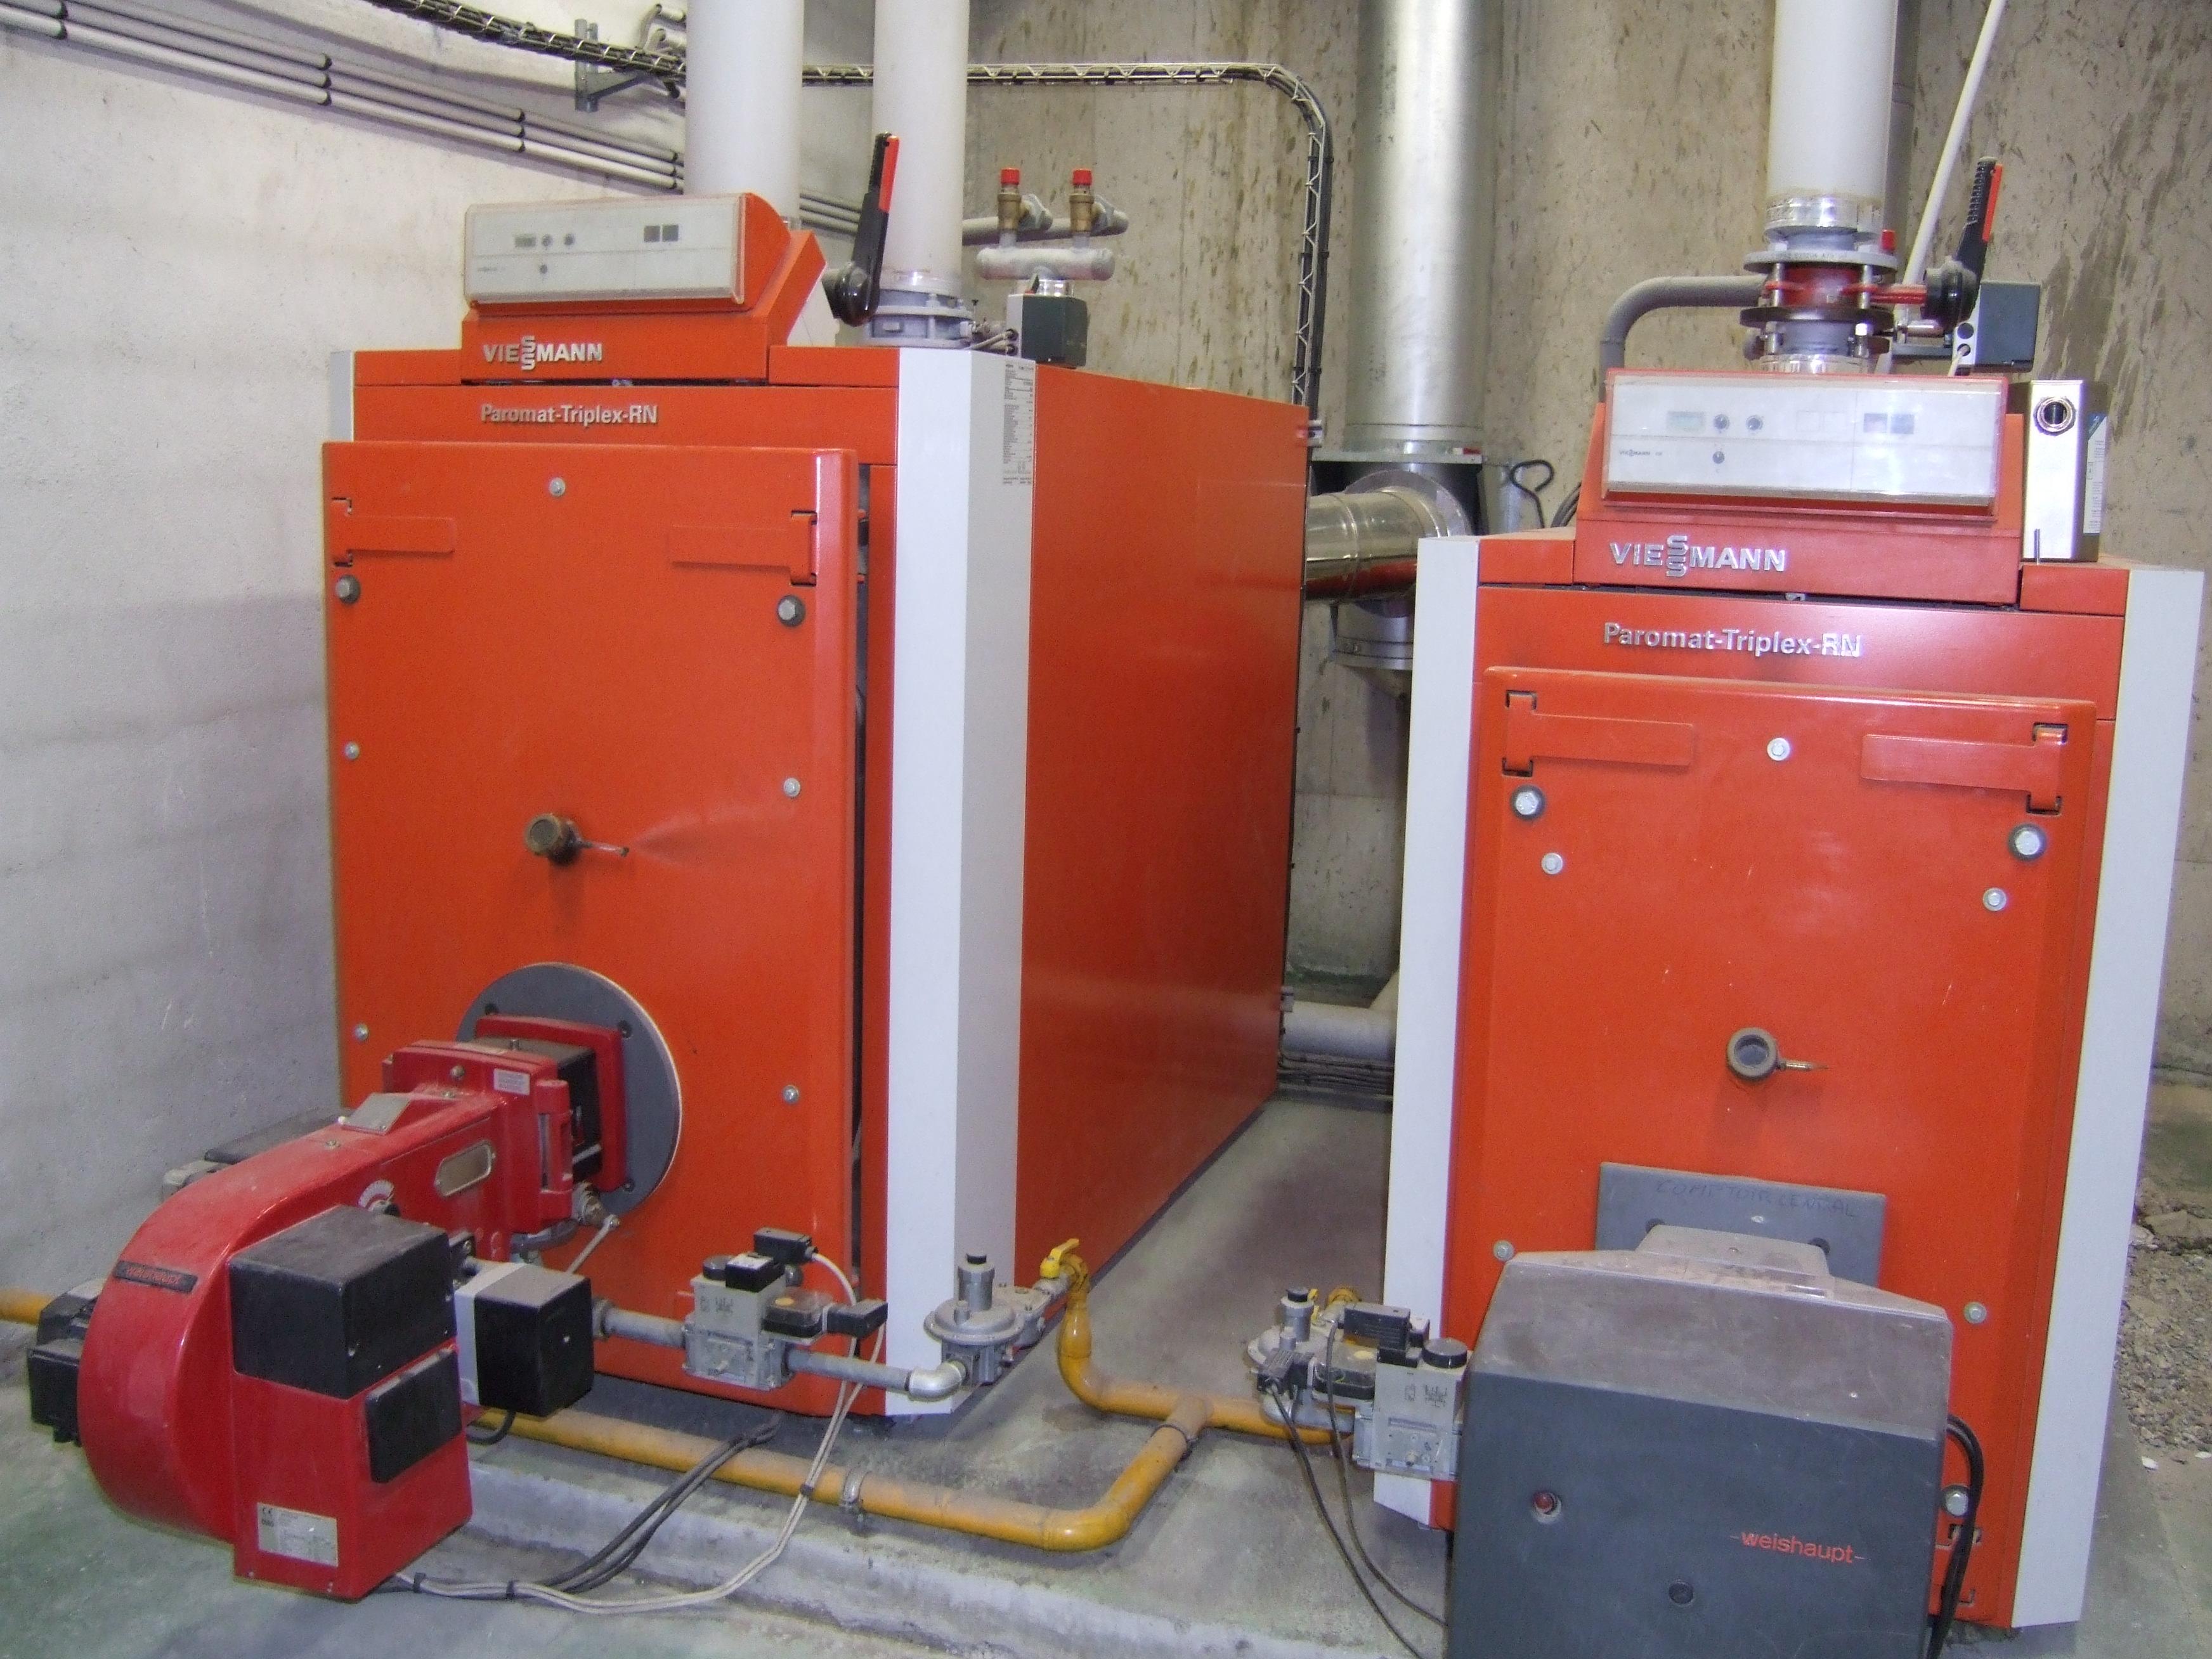 desemboueur chaufferie 850 kW abc protect, embouage et désembouage chaudière radiateurs plancher chauffant, écologique économique durable, made in France